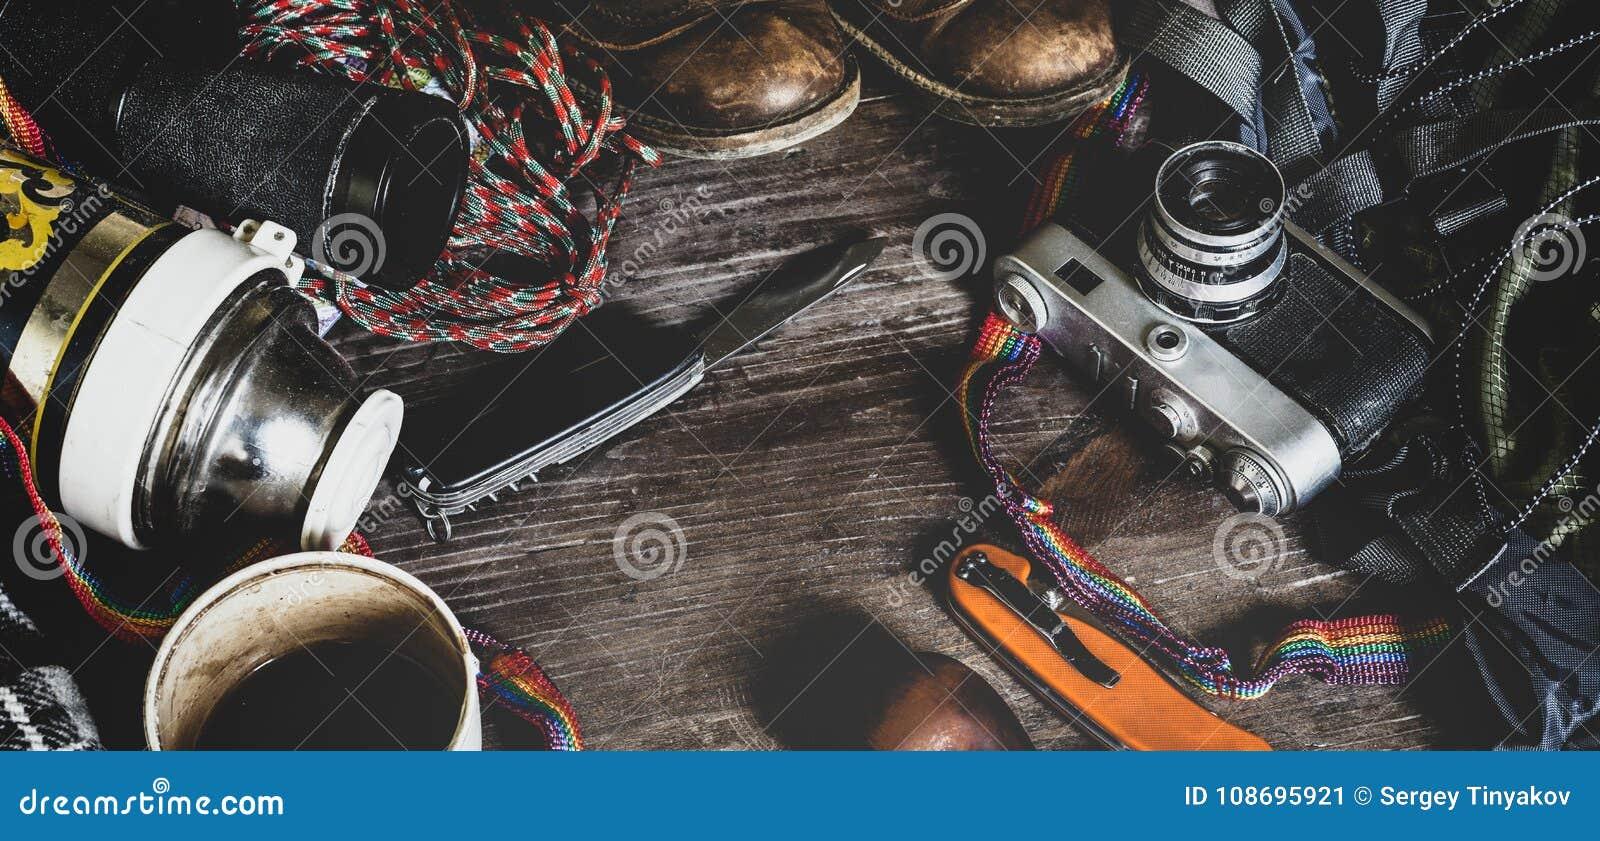 Εξοπλισμός ταξιδιού πεζοπορίας στην ξύλινη επιφάνεια Έννοια δραστηριότητας διακοπών τρόπου ζωής ανακαλύψεων περιπέτειας